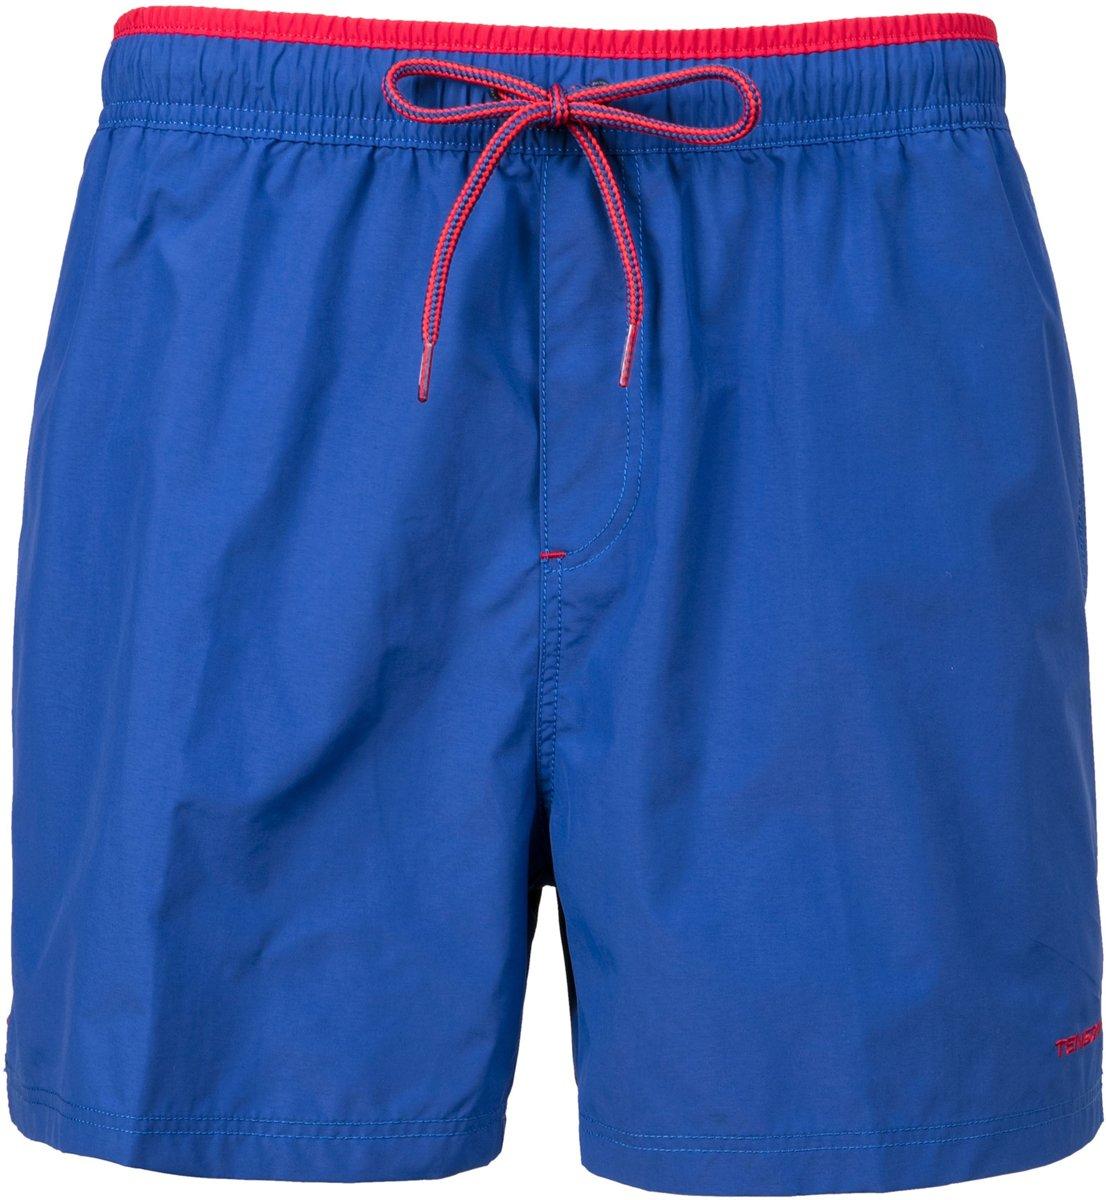 Super Shorts Dames